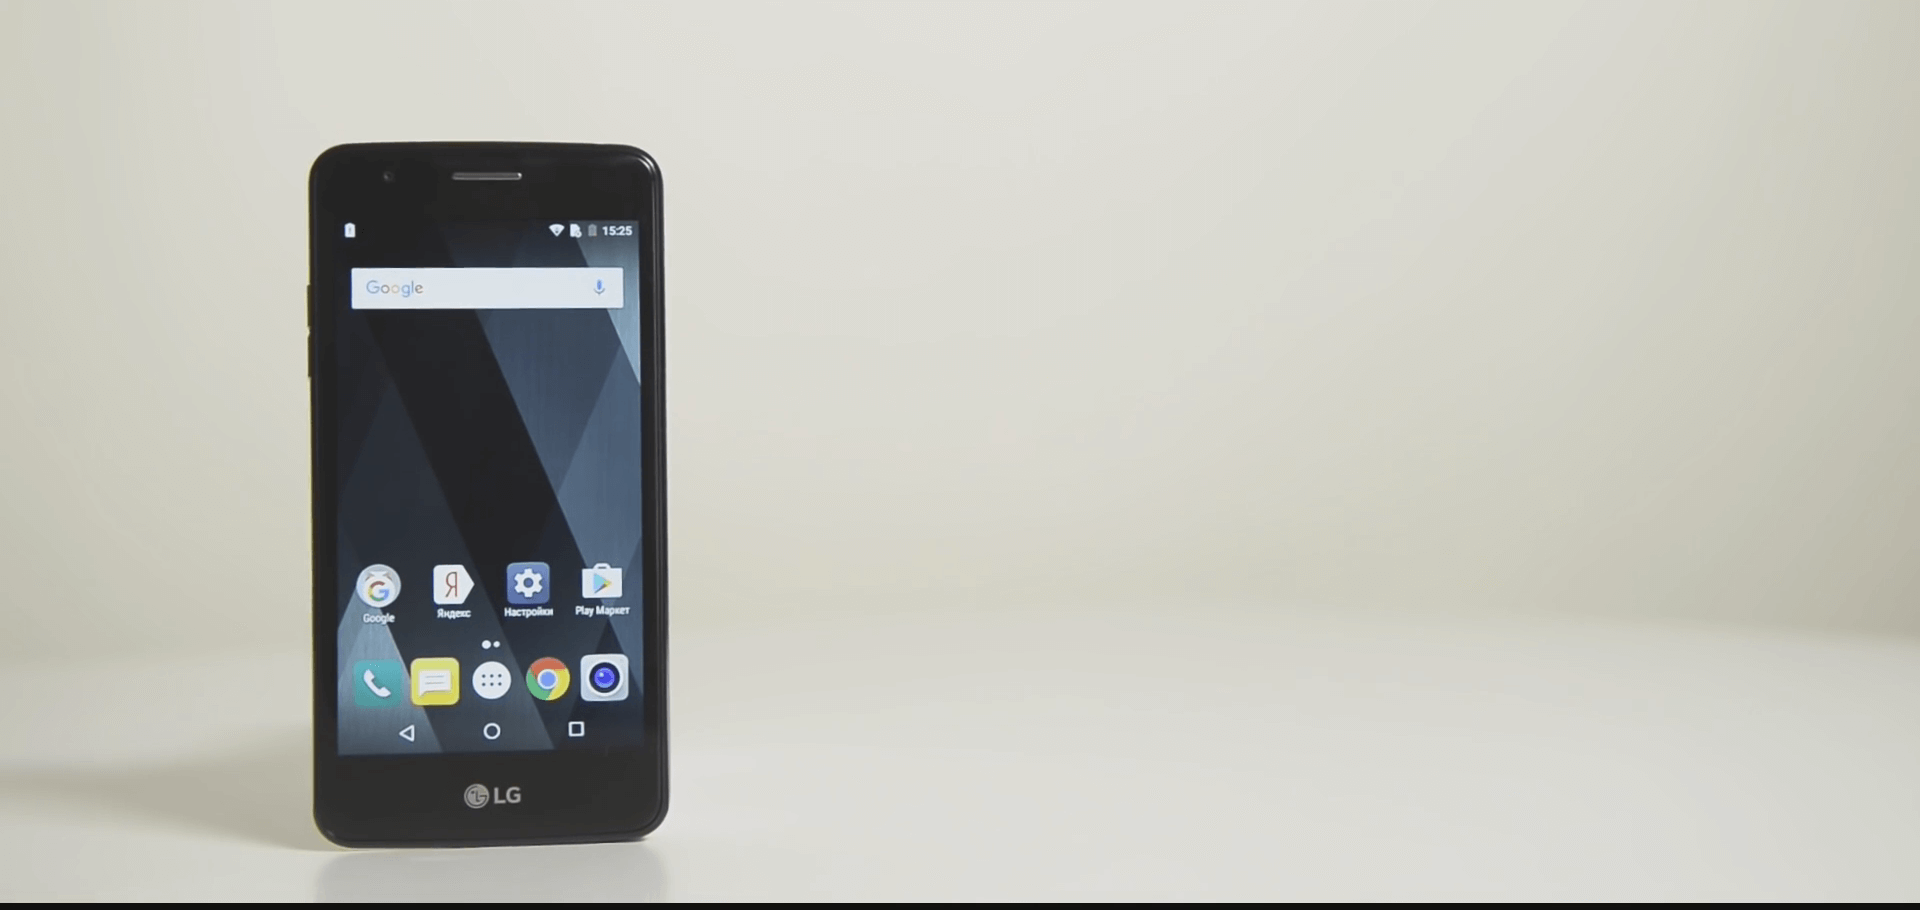 Смартфон lg k10 2017 m250 характеристики